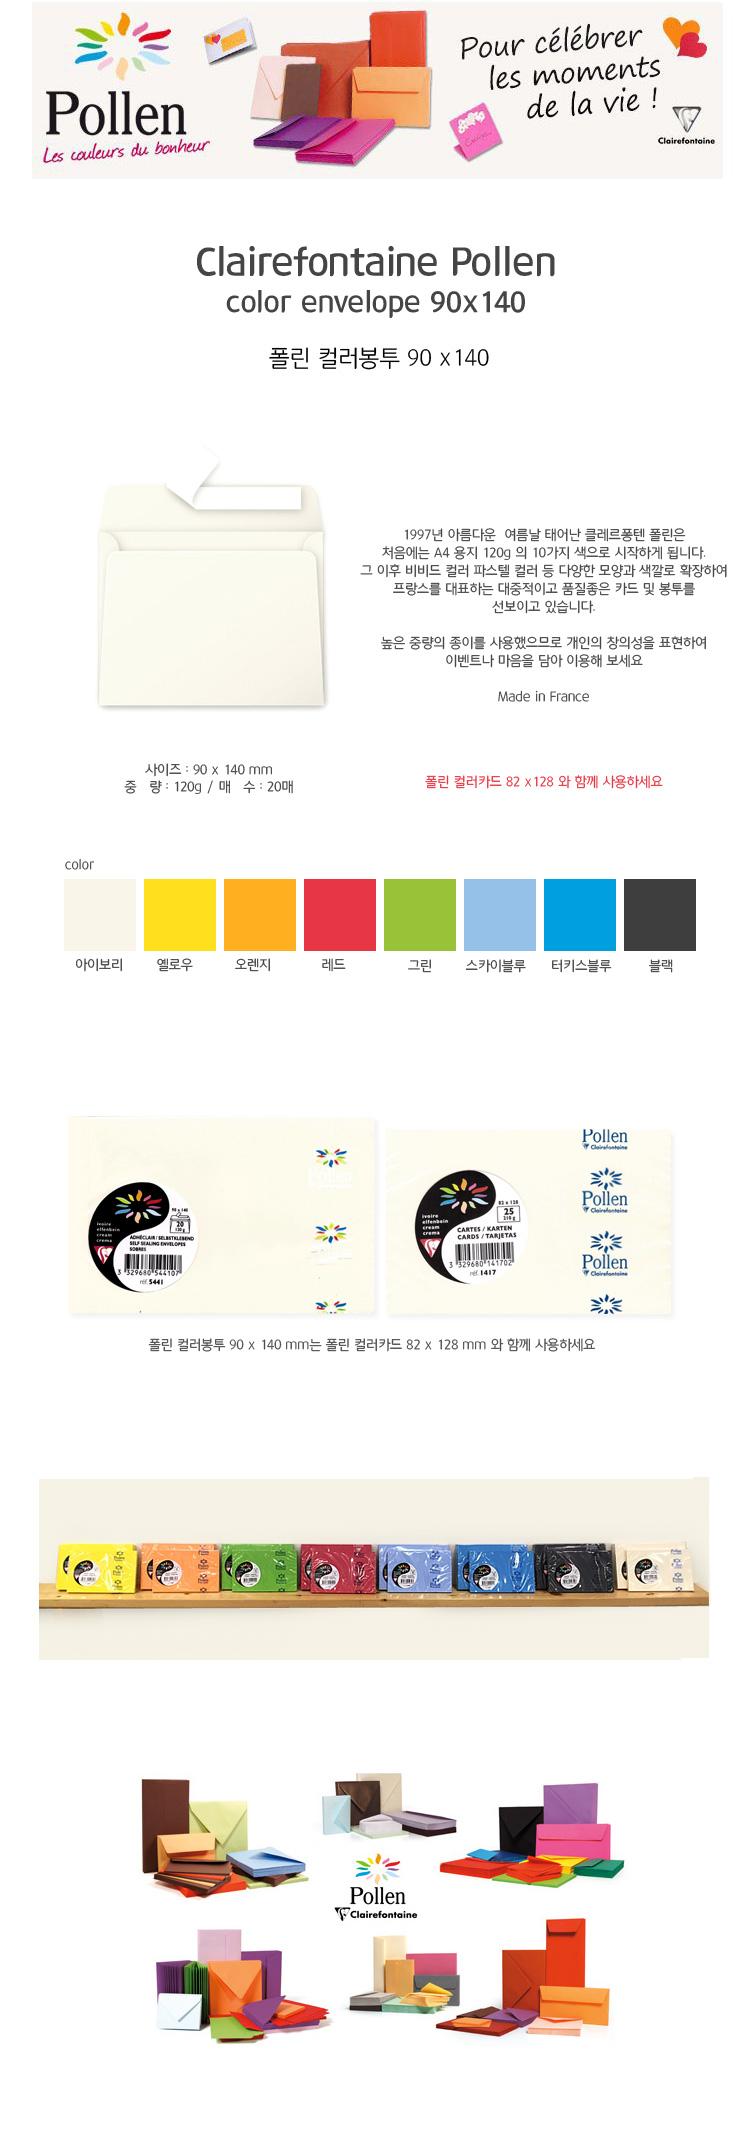 클레르퐁텐 폴린 컬러봉투 90x140 (20매 120g) - 클레르퐁텐, 7,000원, 카드, 감사 카드